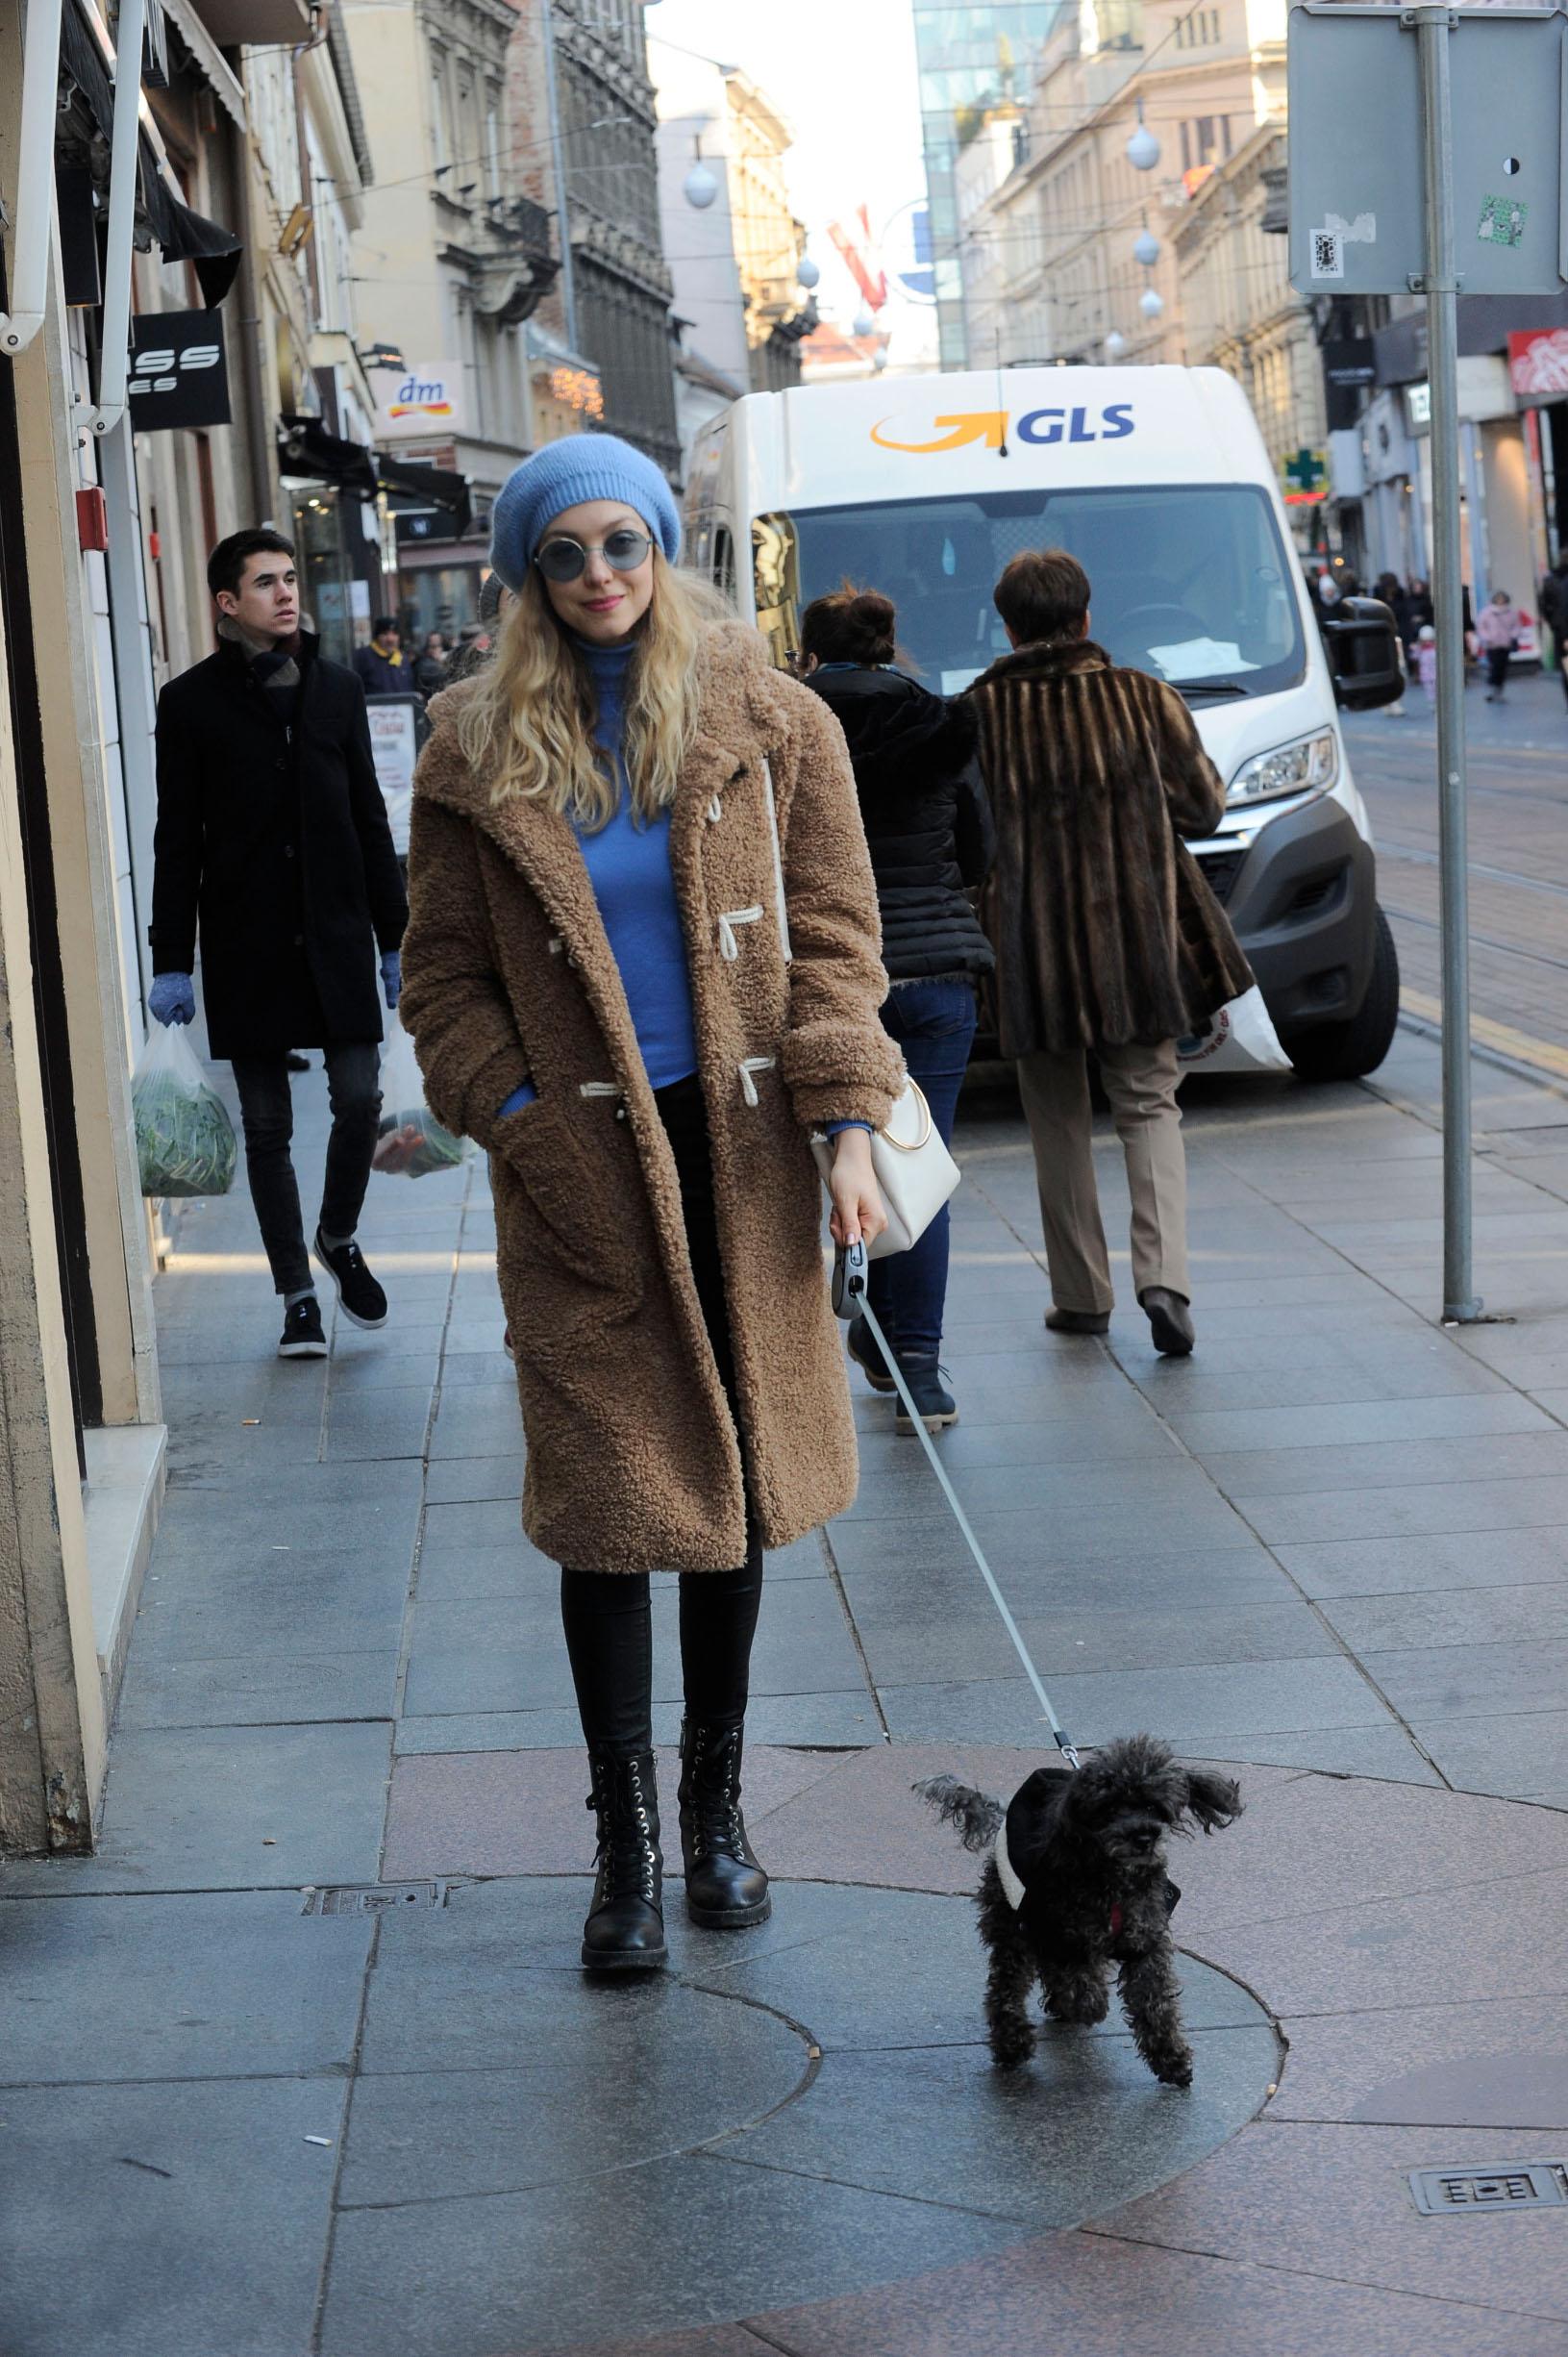 Hana i Mika u šetnji zagrebačkom špicom.